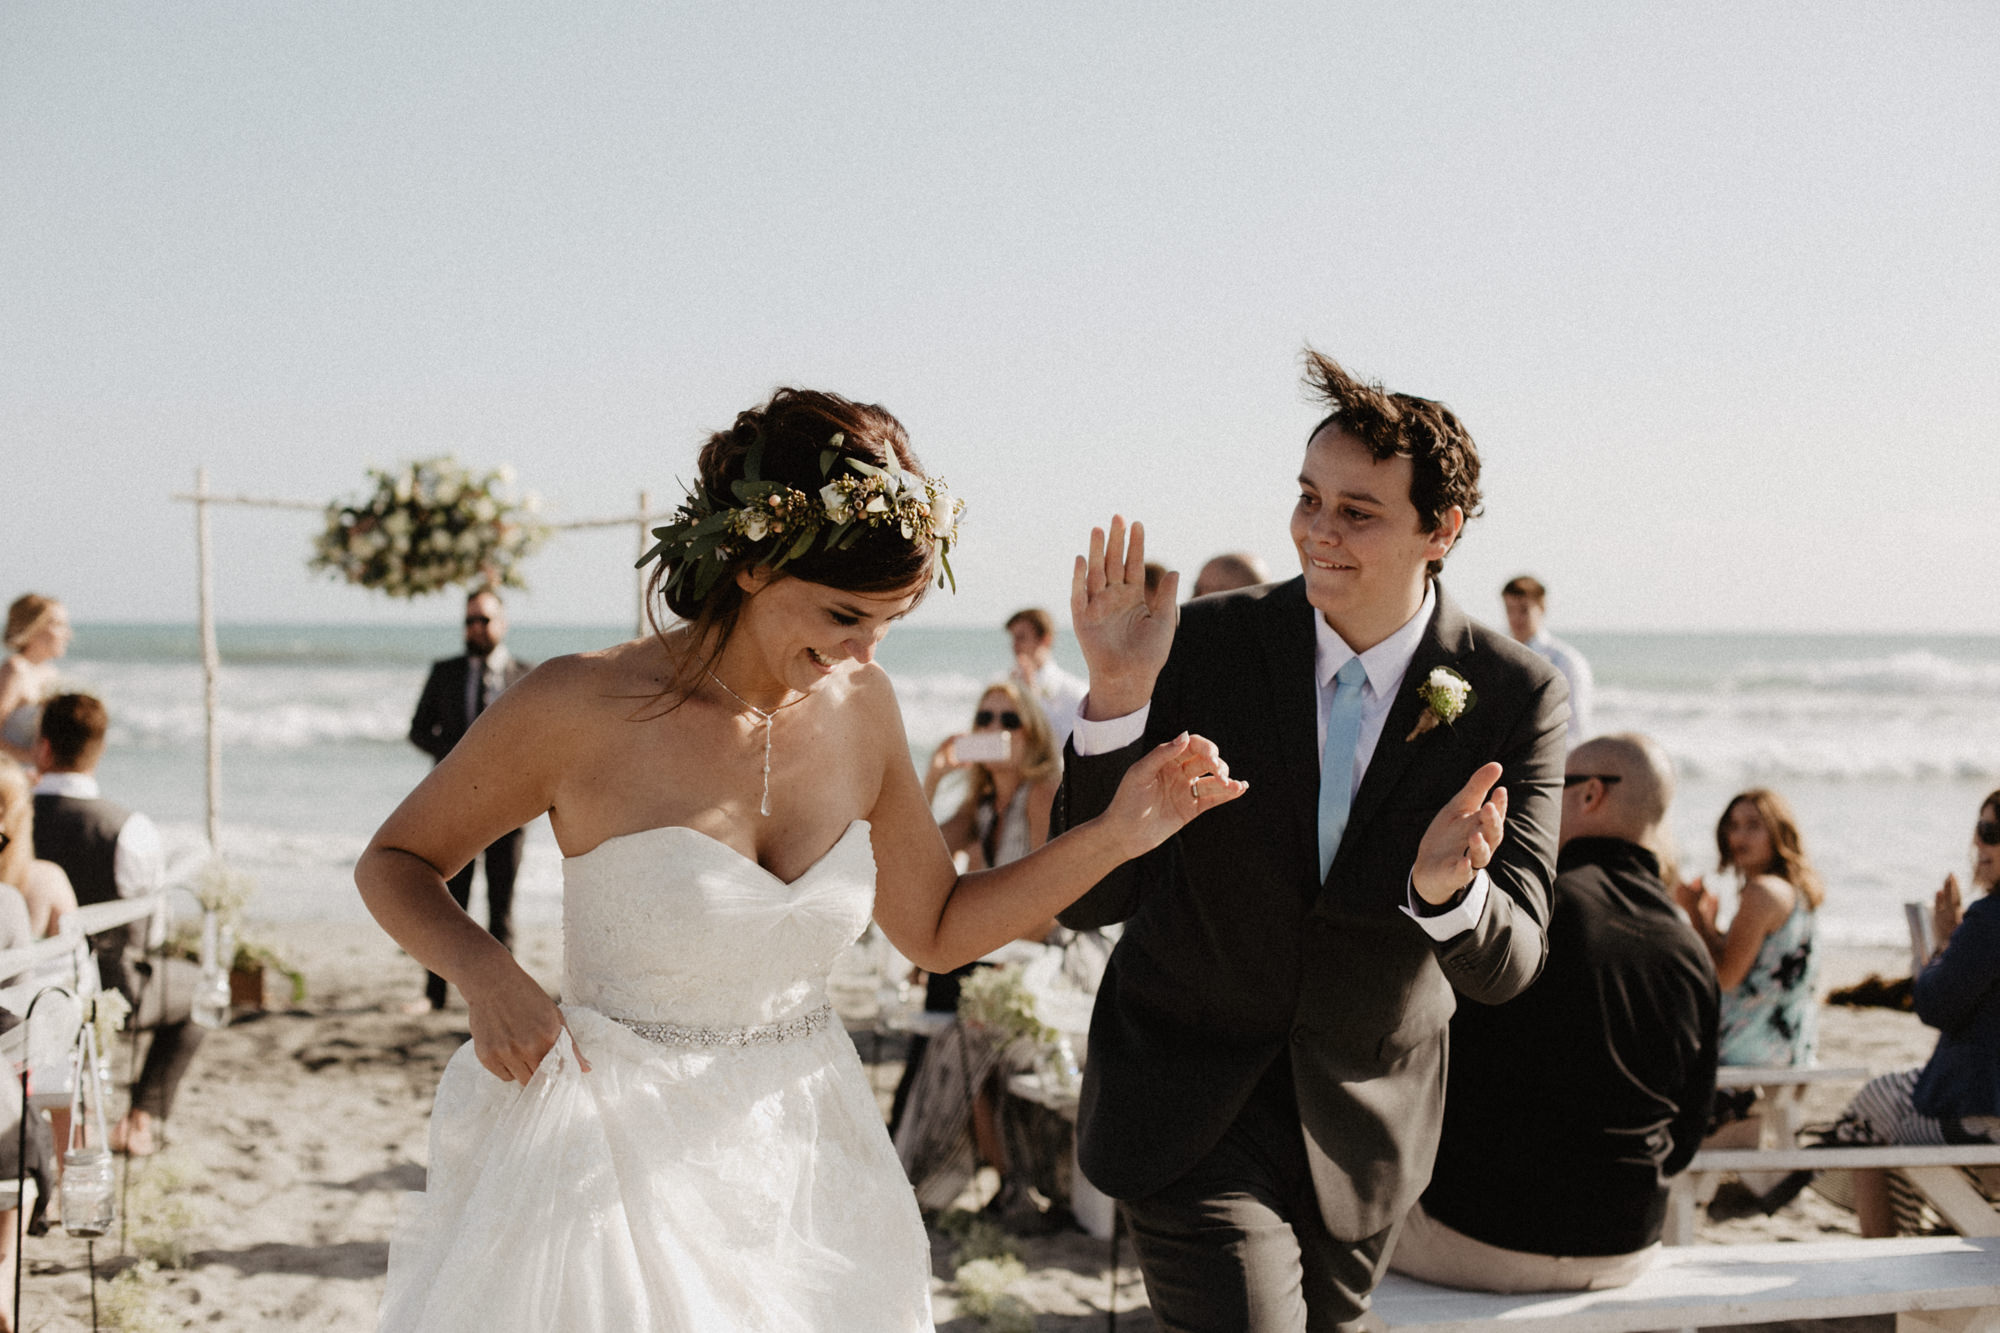 oceanside_airbnb_wedding-36.jpg